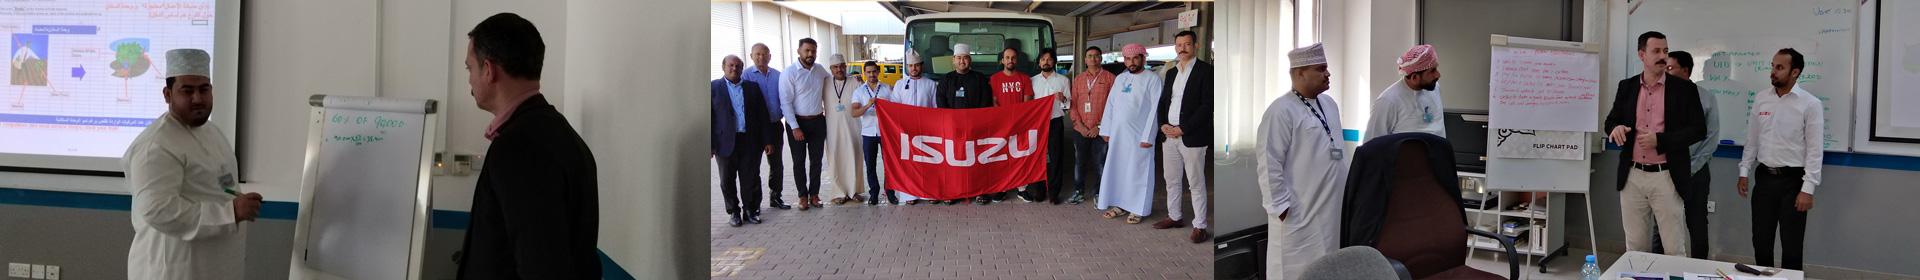 Isuzu Service Adviser Training Banner